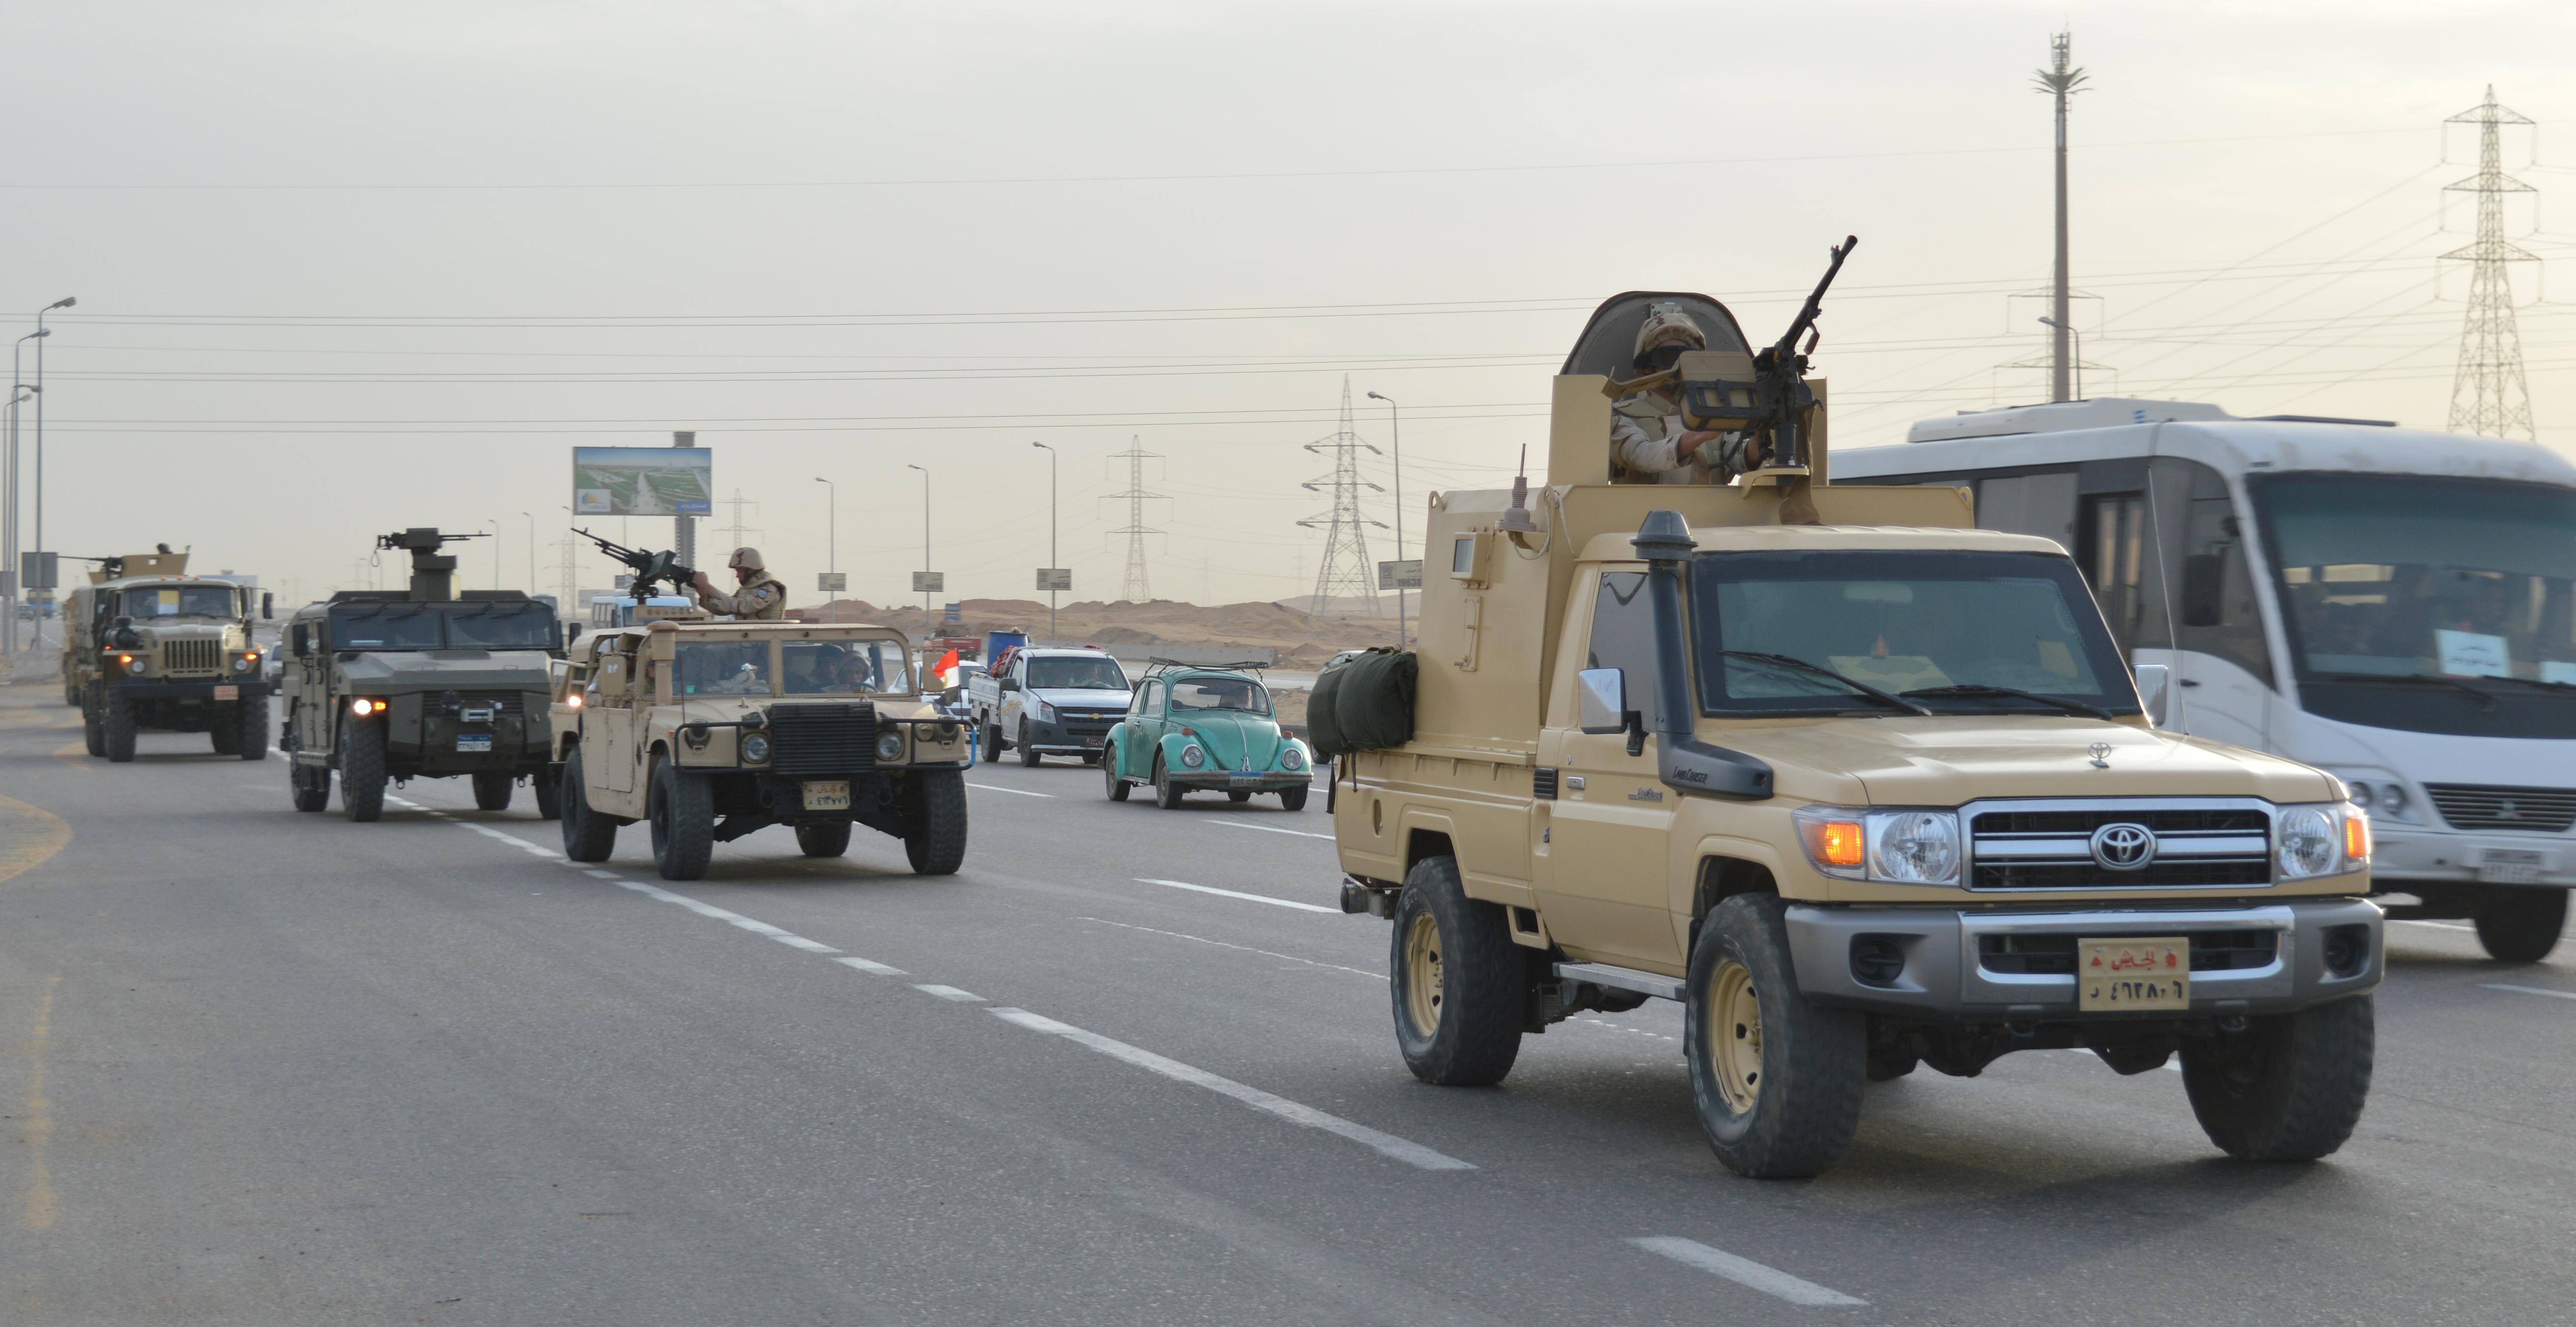 الأسلحة المشاركة فى العملية الشاملة سيناء 2018 (3)